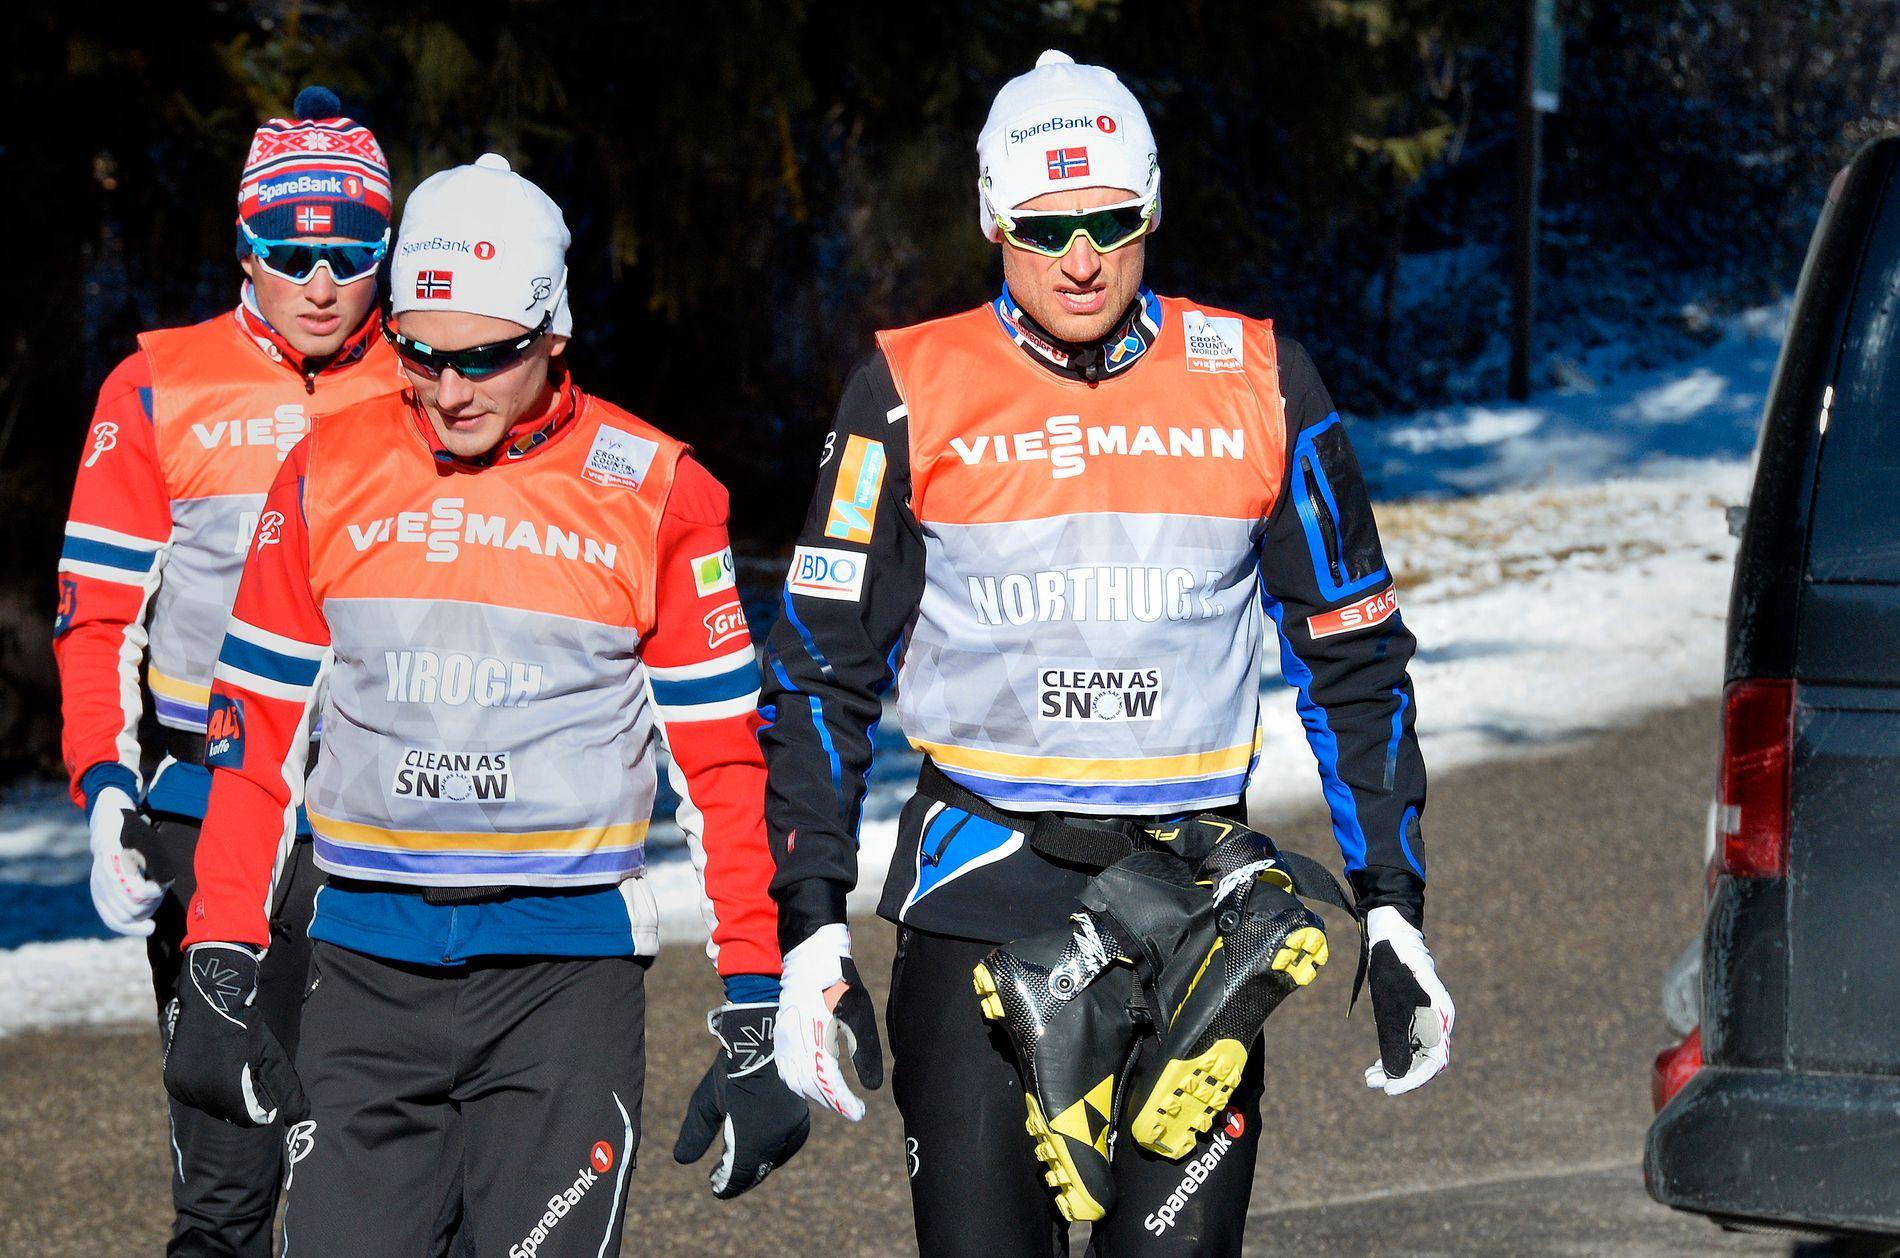 TUNG SESONGSTART: Petter Northug til høyre og Finn-Hågen Krogh, her under en hviledag i Tour de Ski januar 2016.